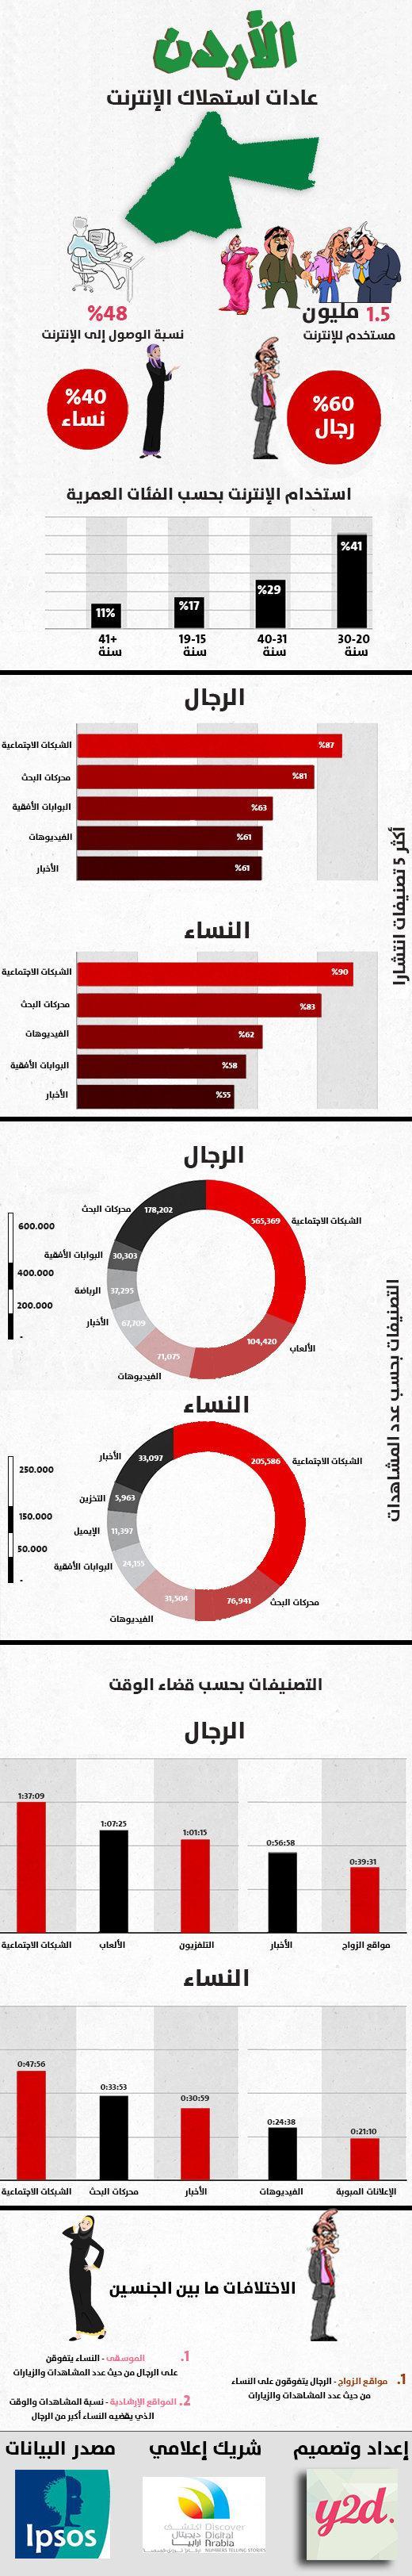 عادات استهلاك الإنترنت في #الأردن